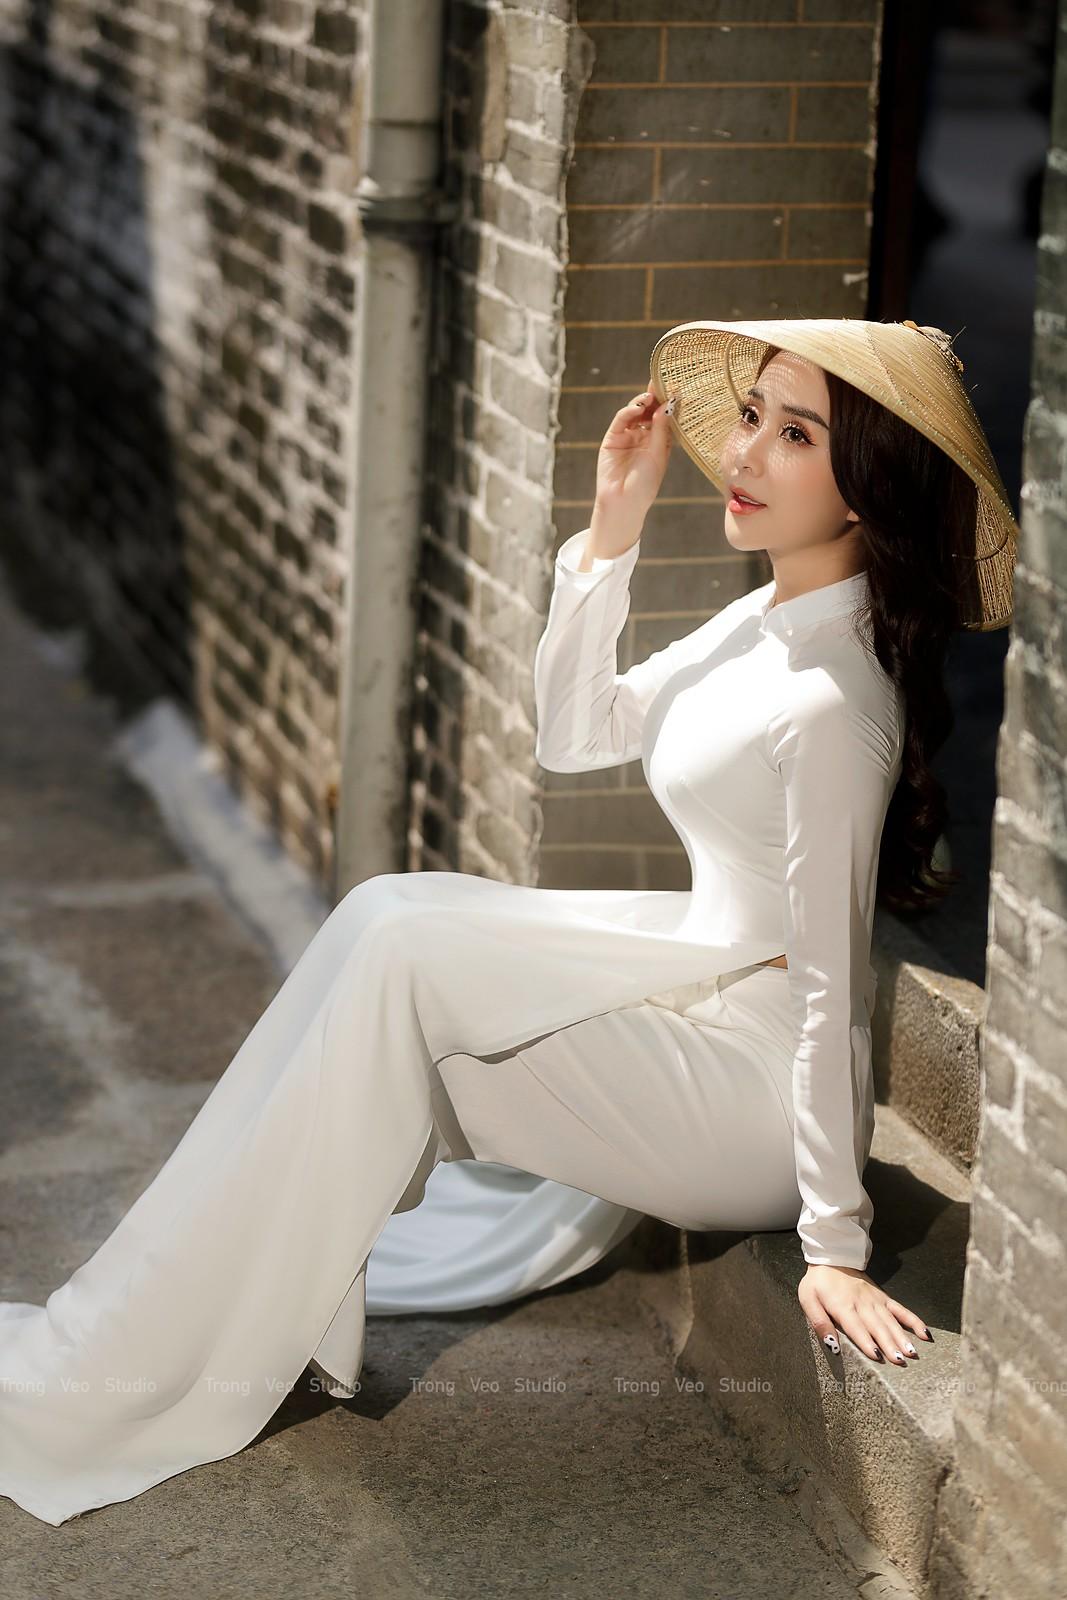 Ngắm hot girl Lục Anh xinh đẹp như hoa không sao tả xiết trong tà áo dài truyền thống - 7